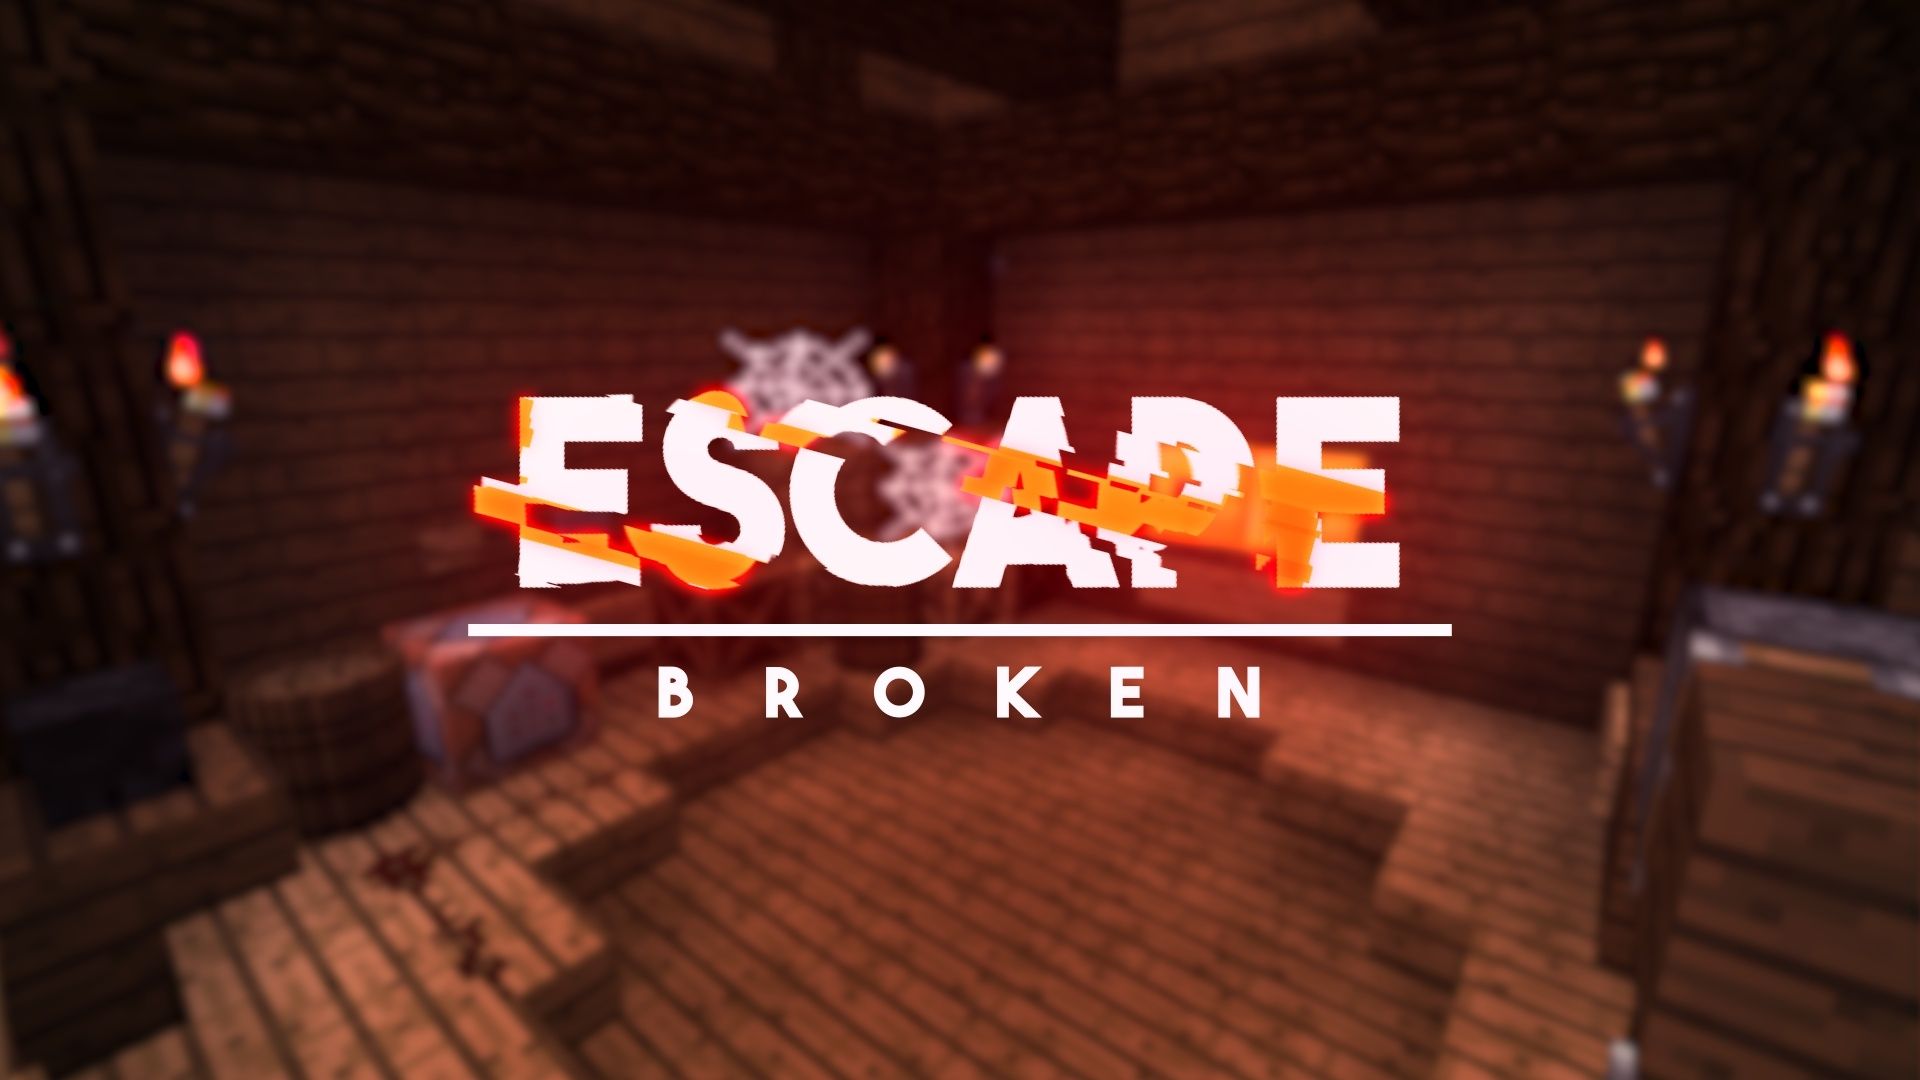 Escape: Broken